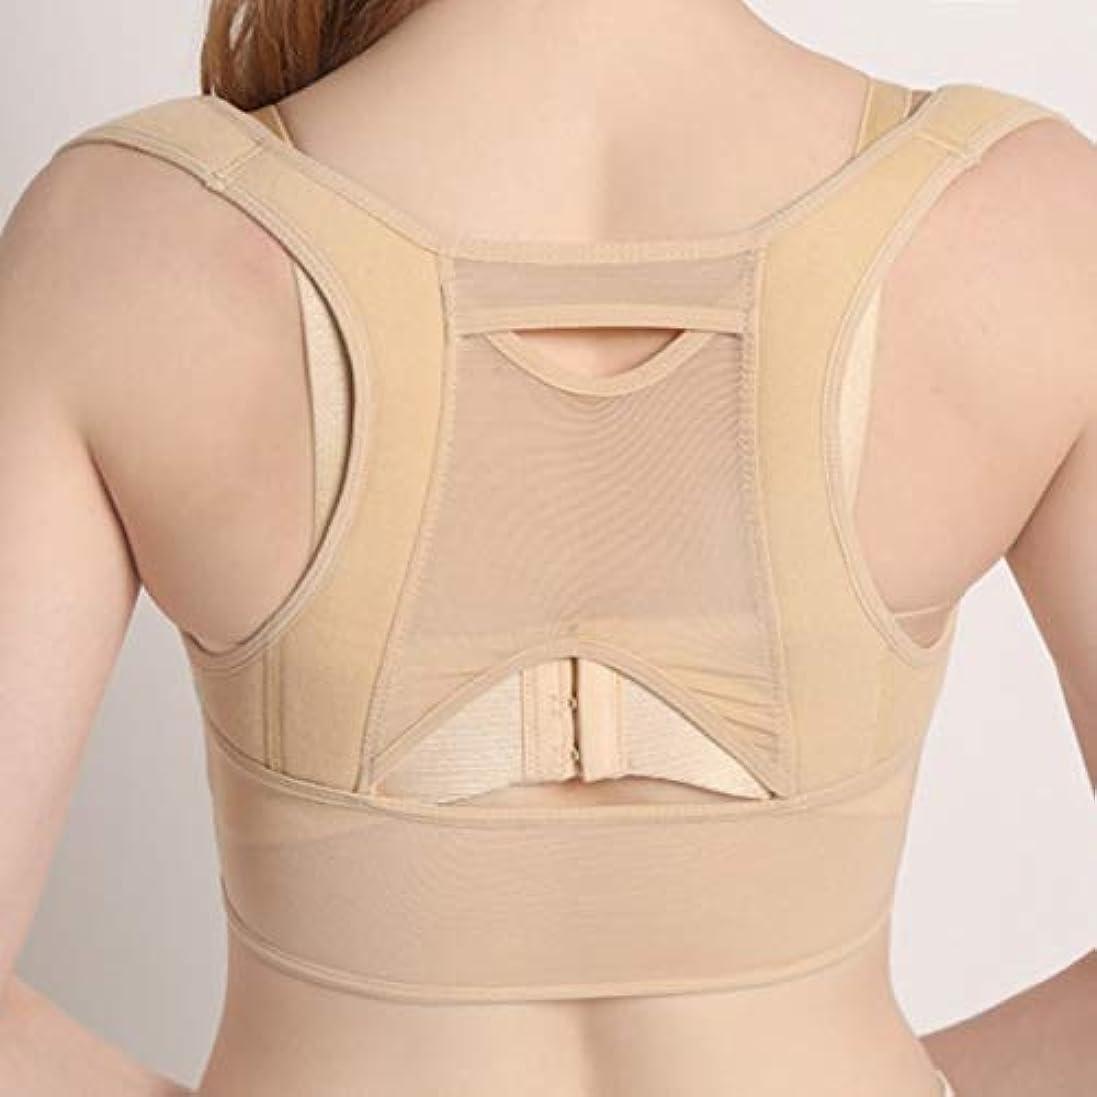 少数レビュー感染するインターコアリーボディーコレクション 女性背部姿勢矯正コルセット整形外科肩こり脊椎姿勢矯正腰椎サポート